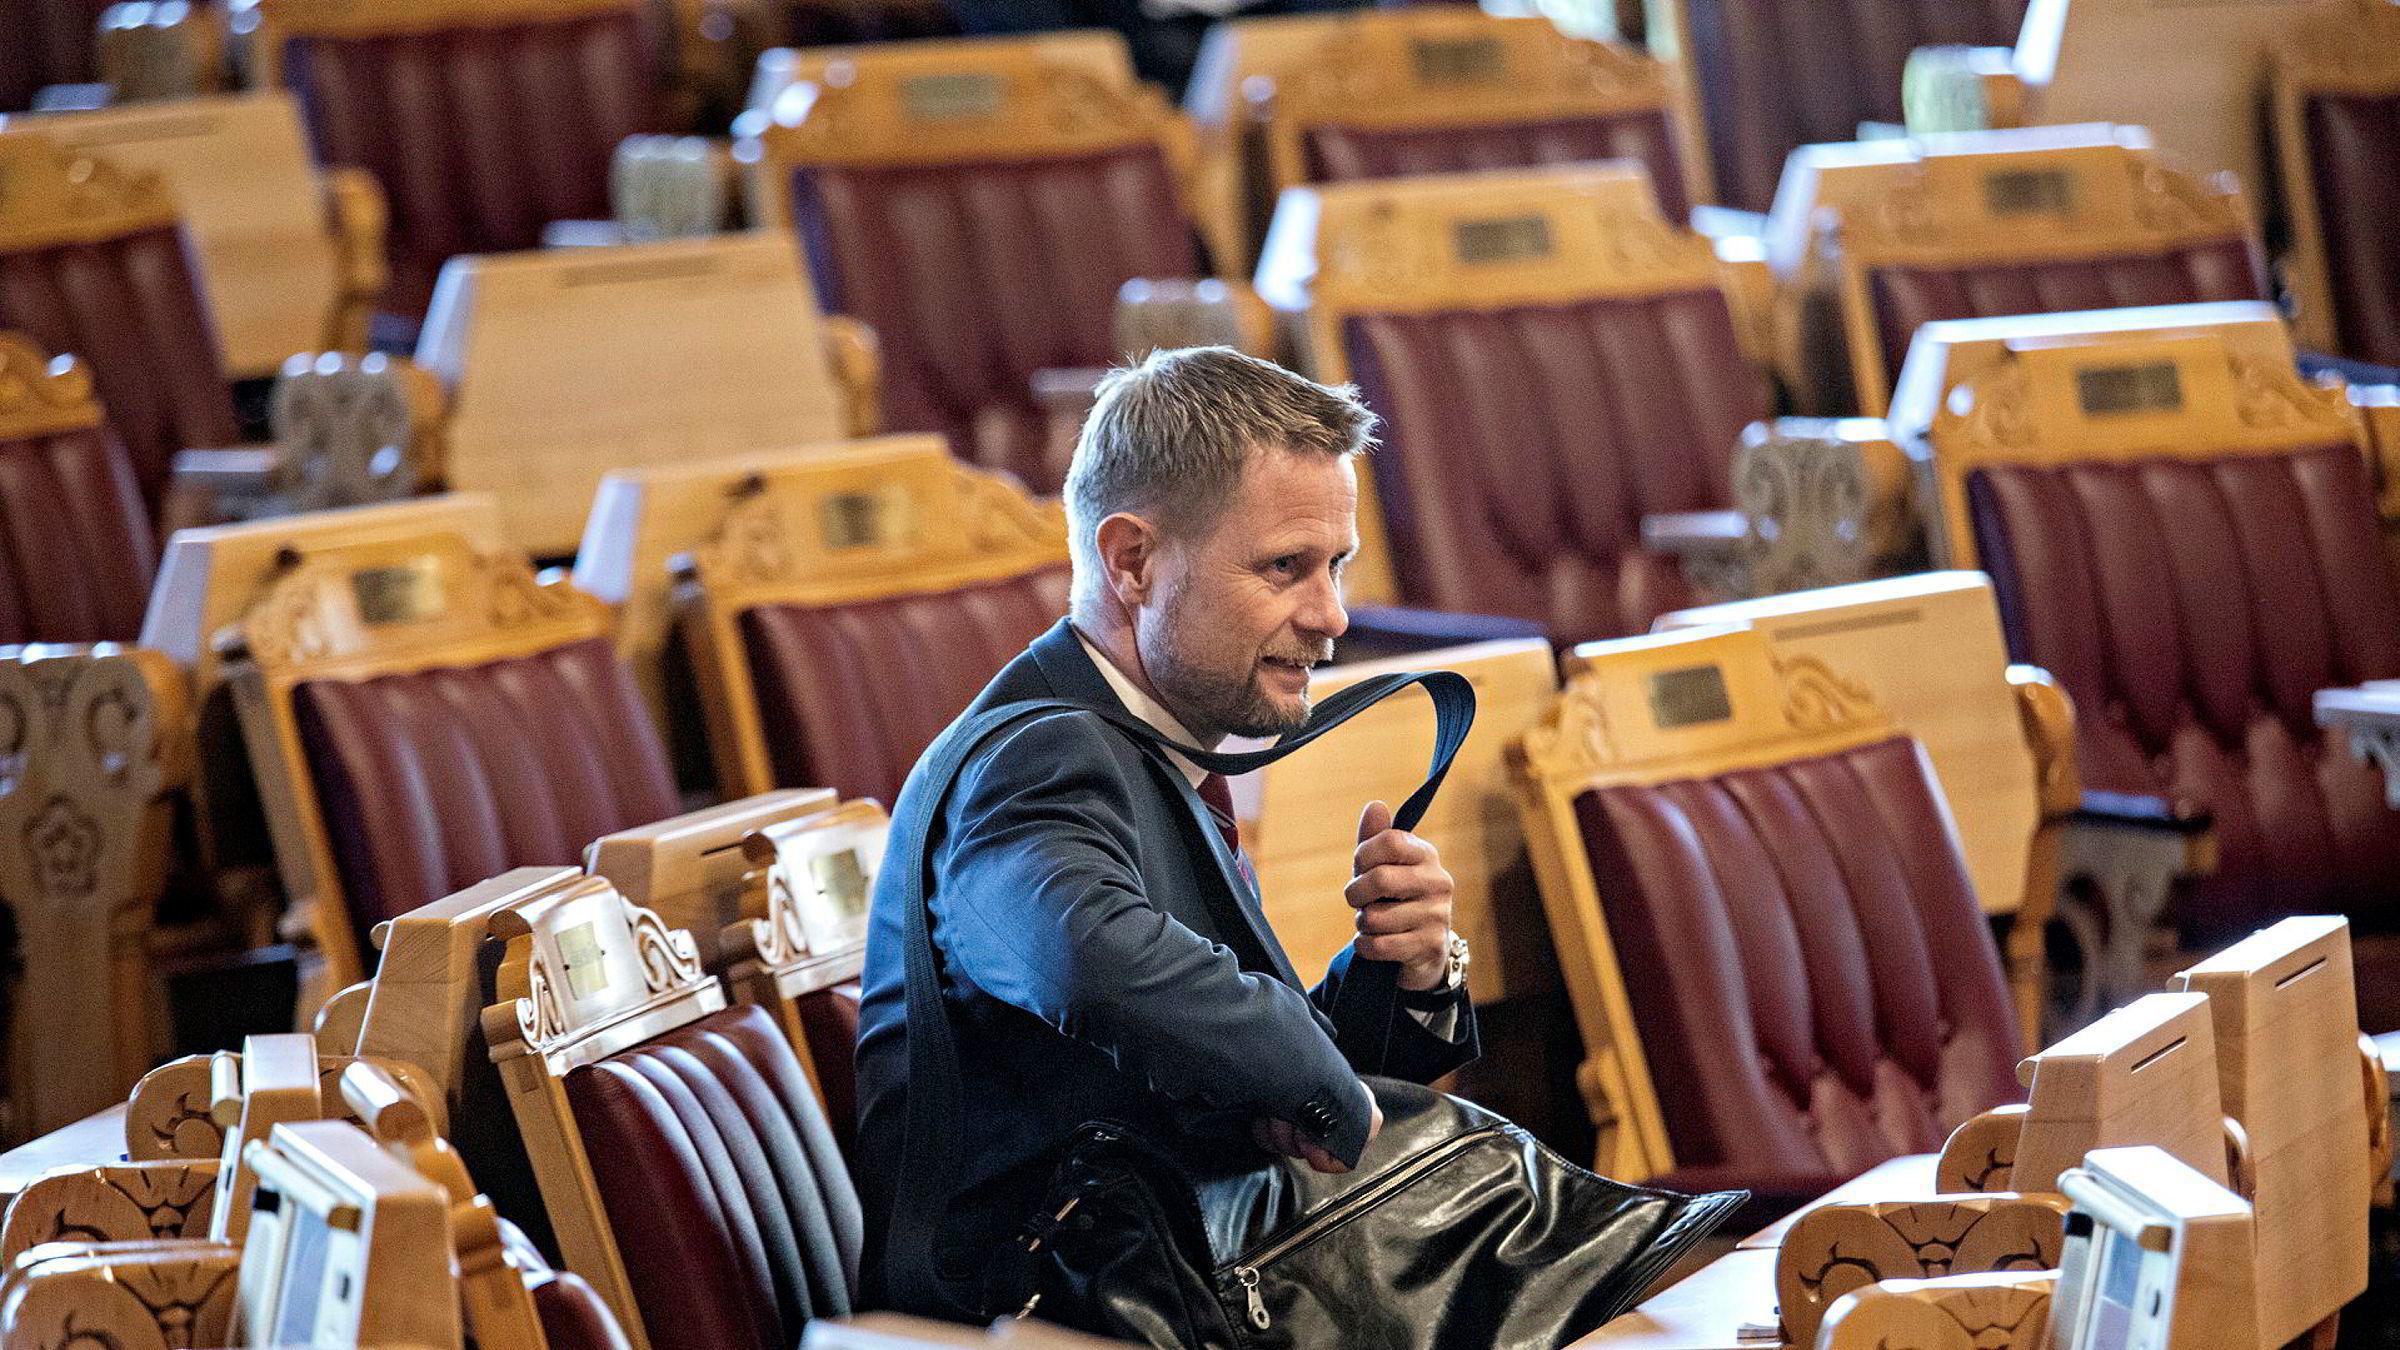 Helseminister Bent Høie har fått beskjed av Stortinget om at han har ansvar for å ordne opp i flyambulanse-saken.